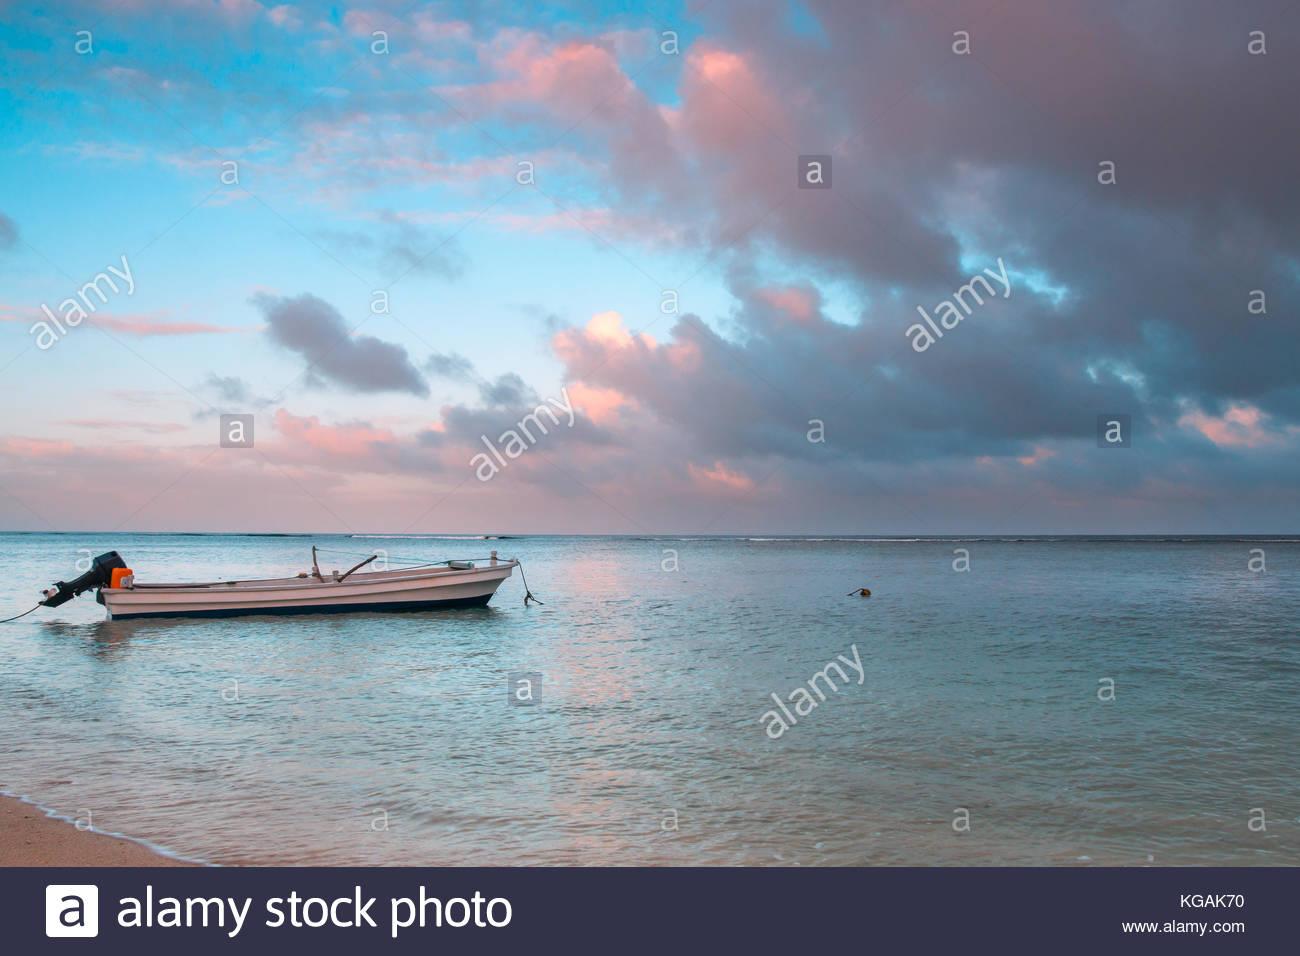 L'île de Tongatapu, Royaume des Tonga Photo Stock